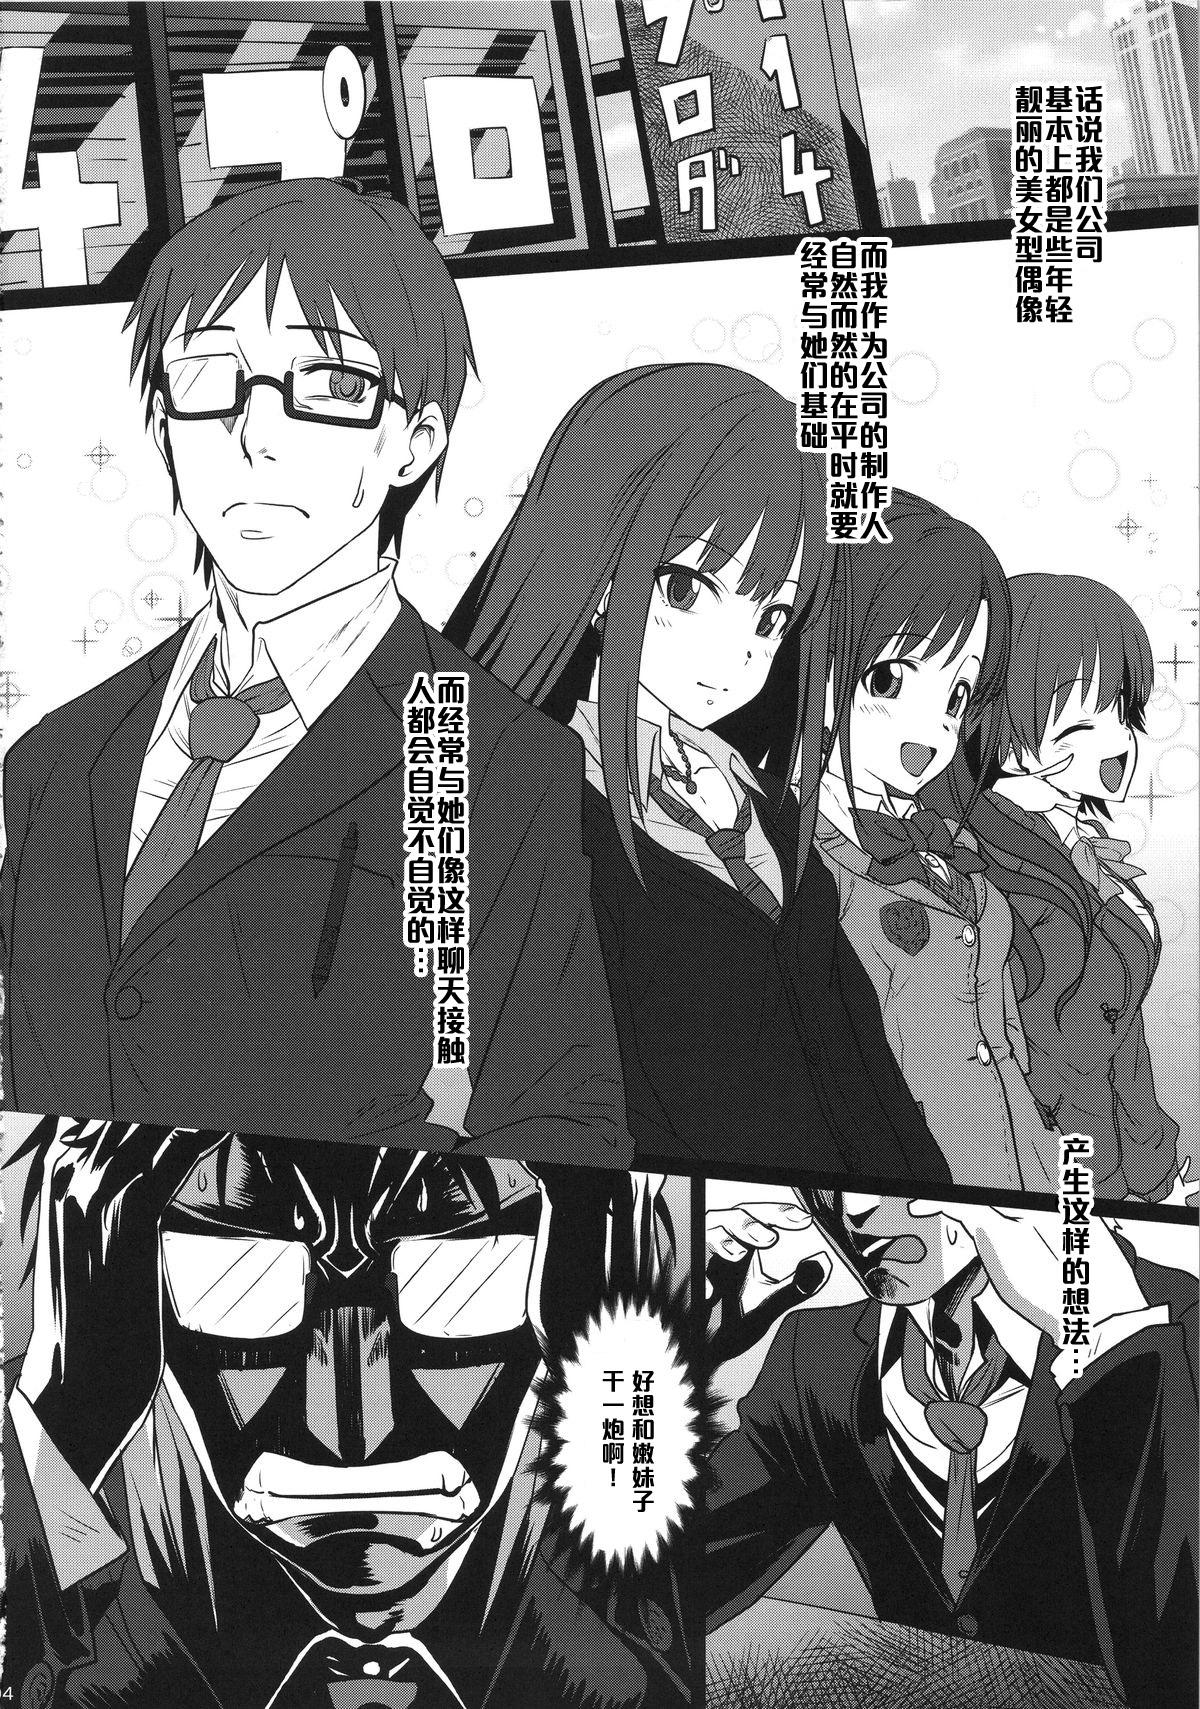 TOKIMEKI Enkou RHYTHM 3